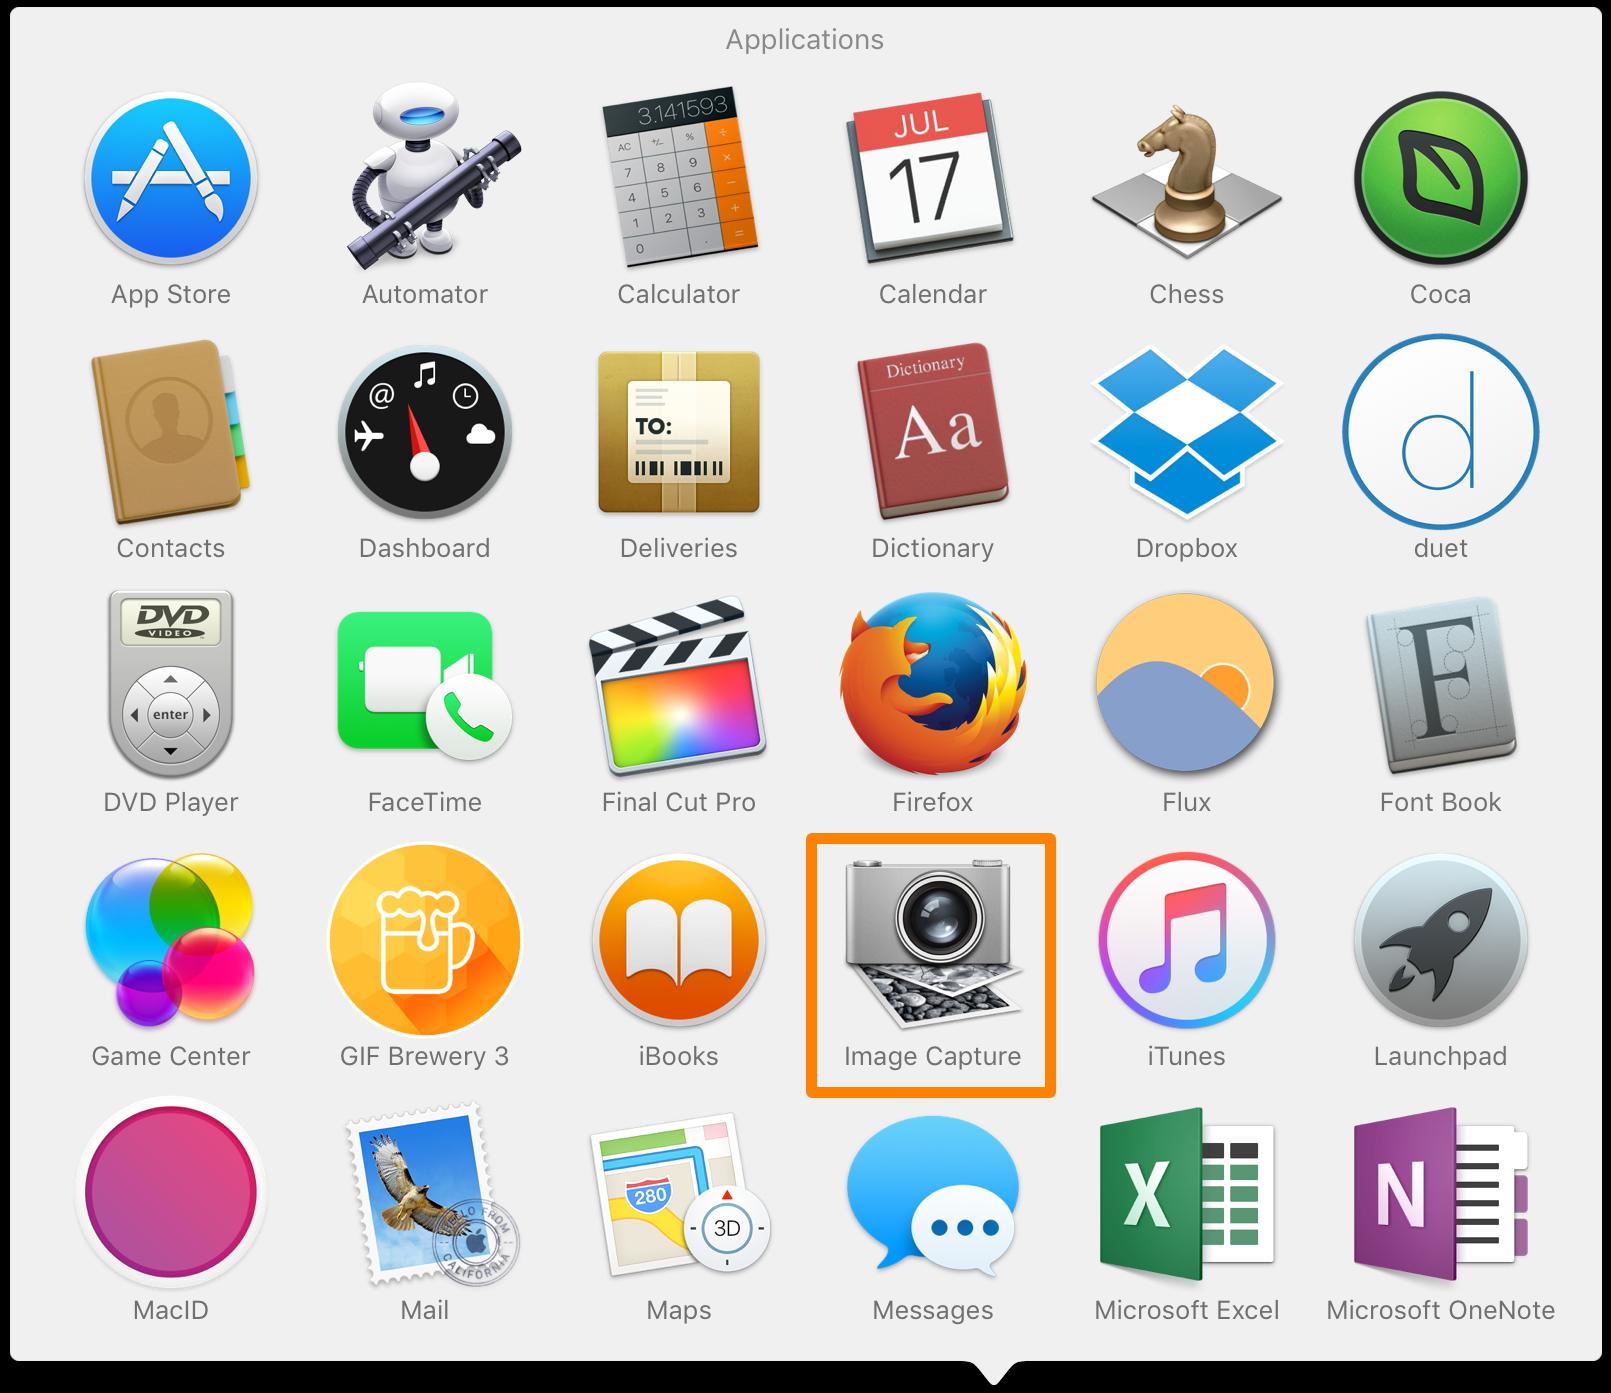 Captura de imagen en la carpeta de aplicaciones de Mac